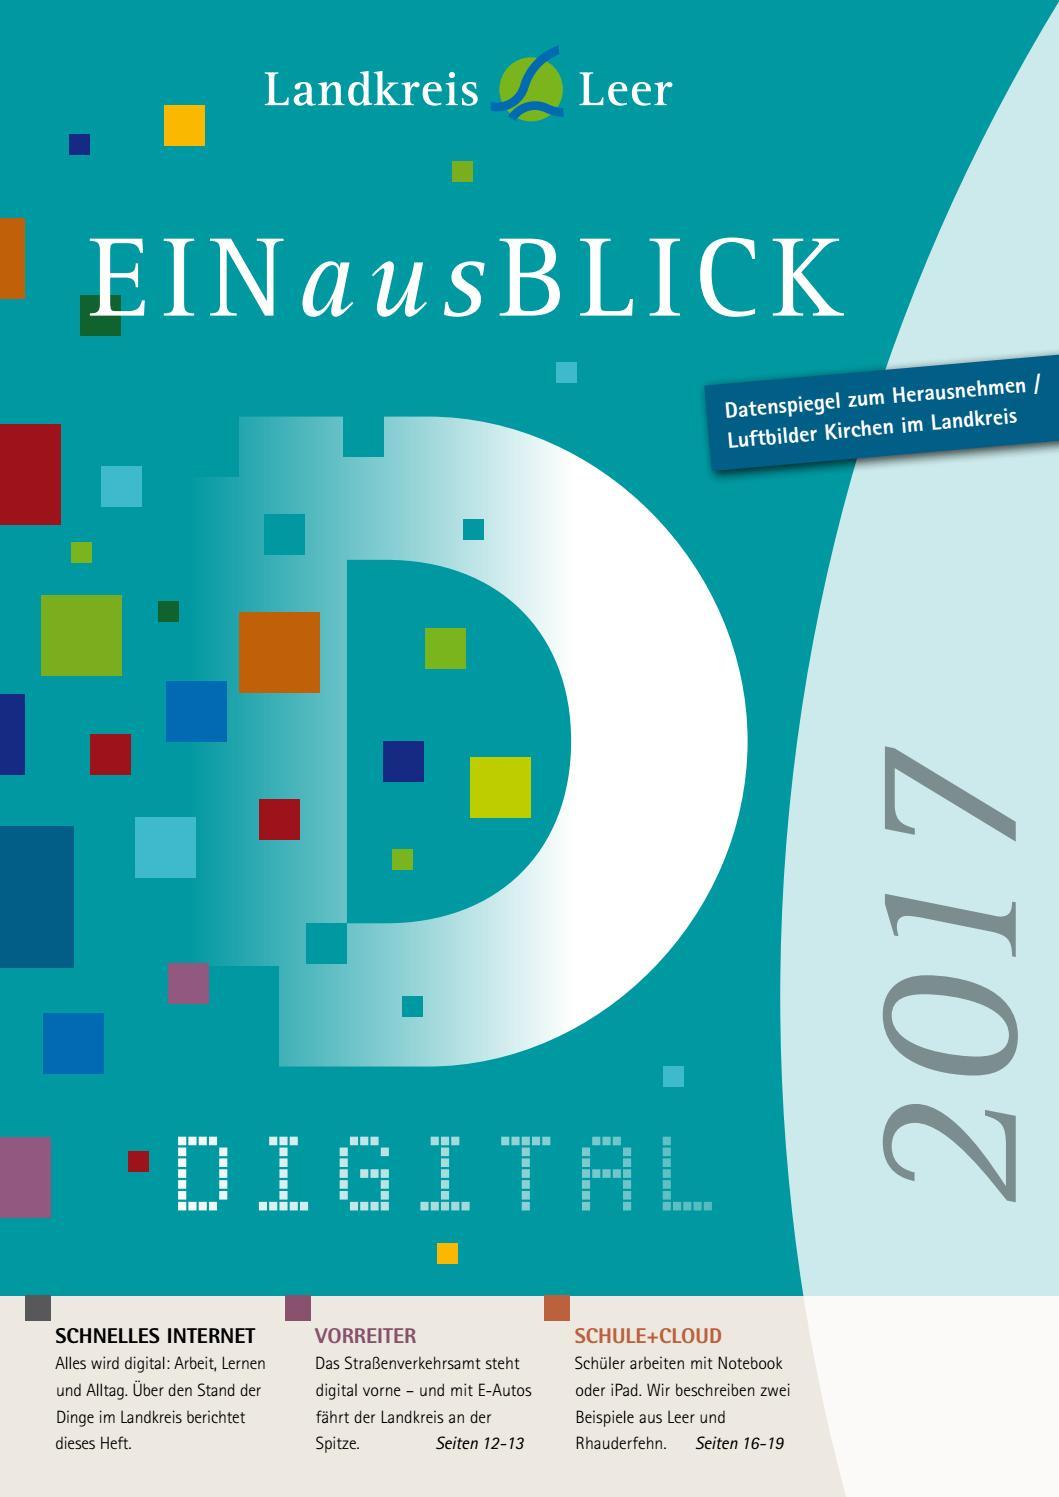 Einausblick 2017 by Designagentur projektpartner - issuu